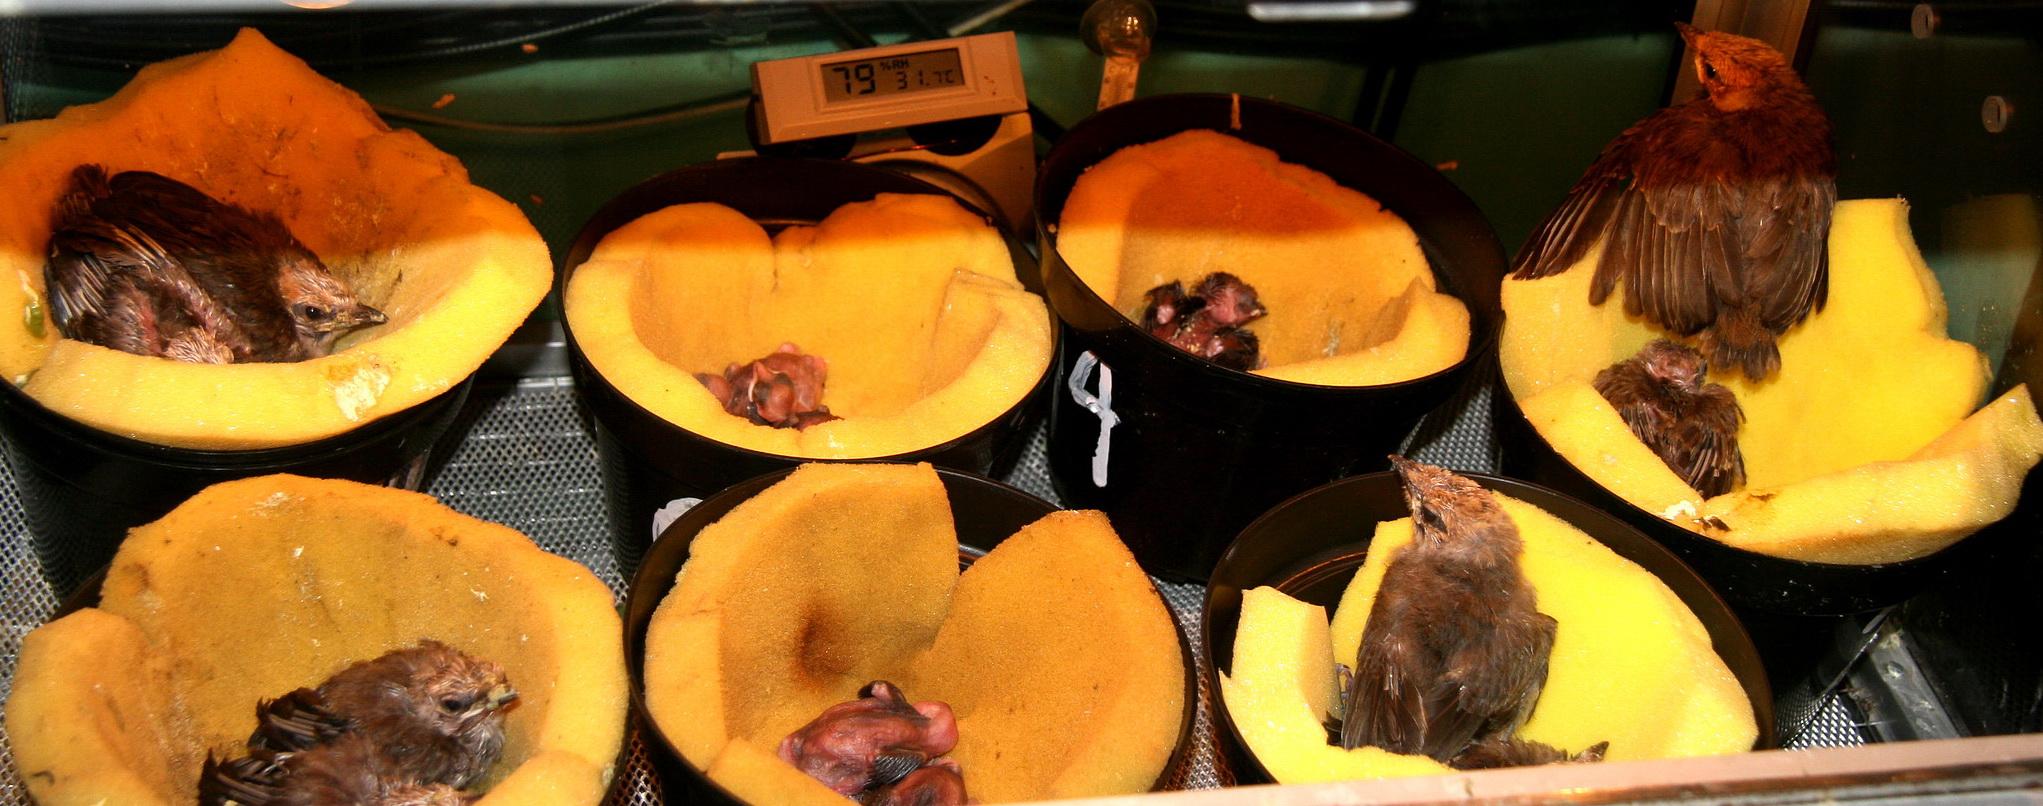 Dalam inkubator terlihat sebagian piyik yang baru saja menetas dan piyik umur 7-9 hari.